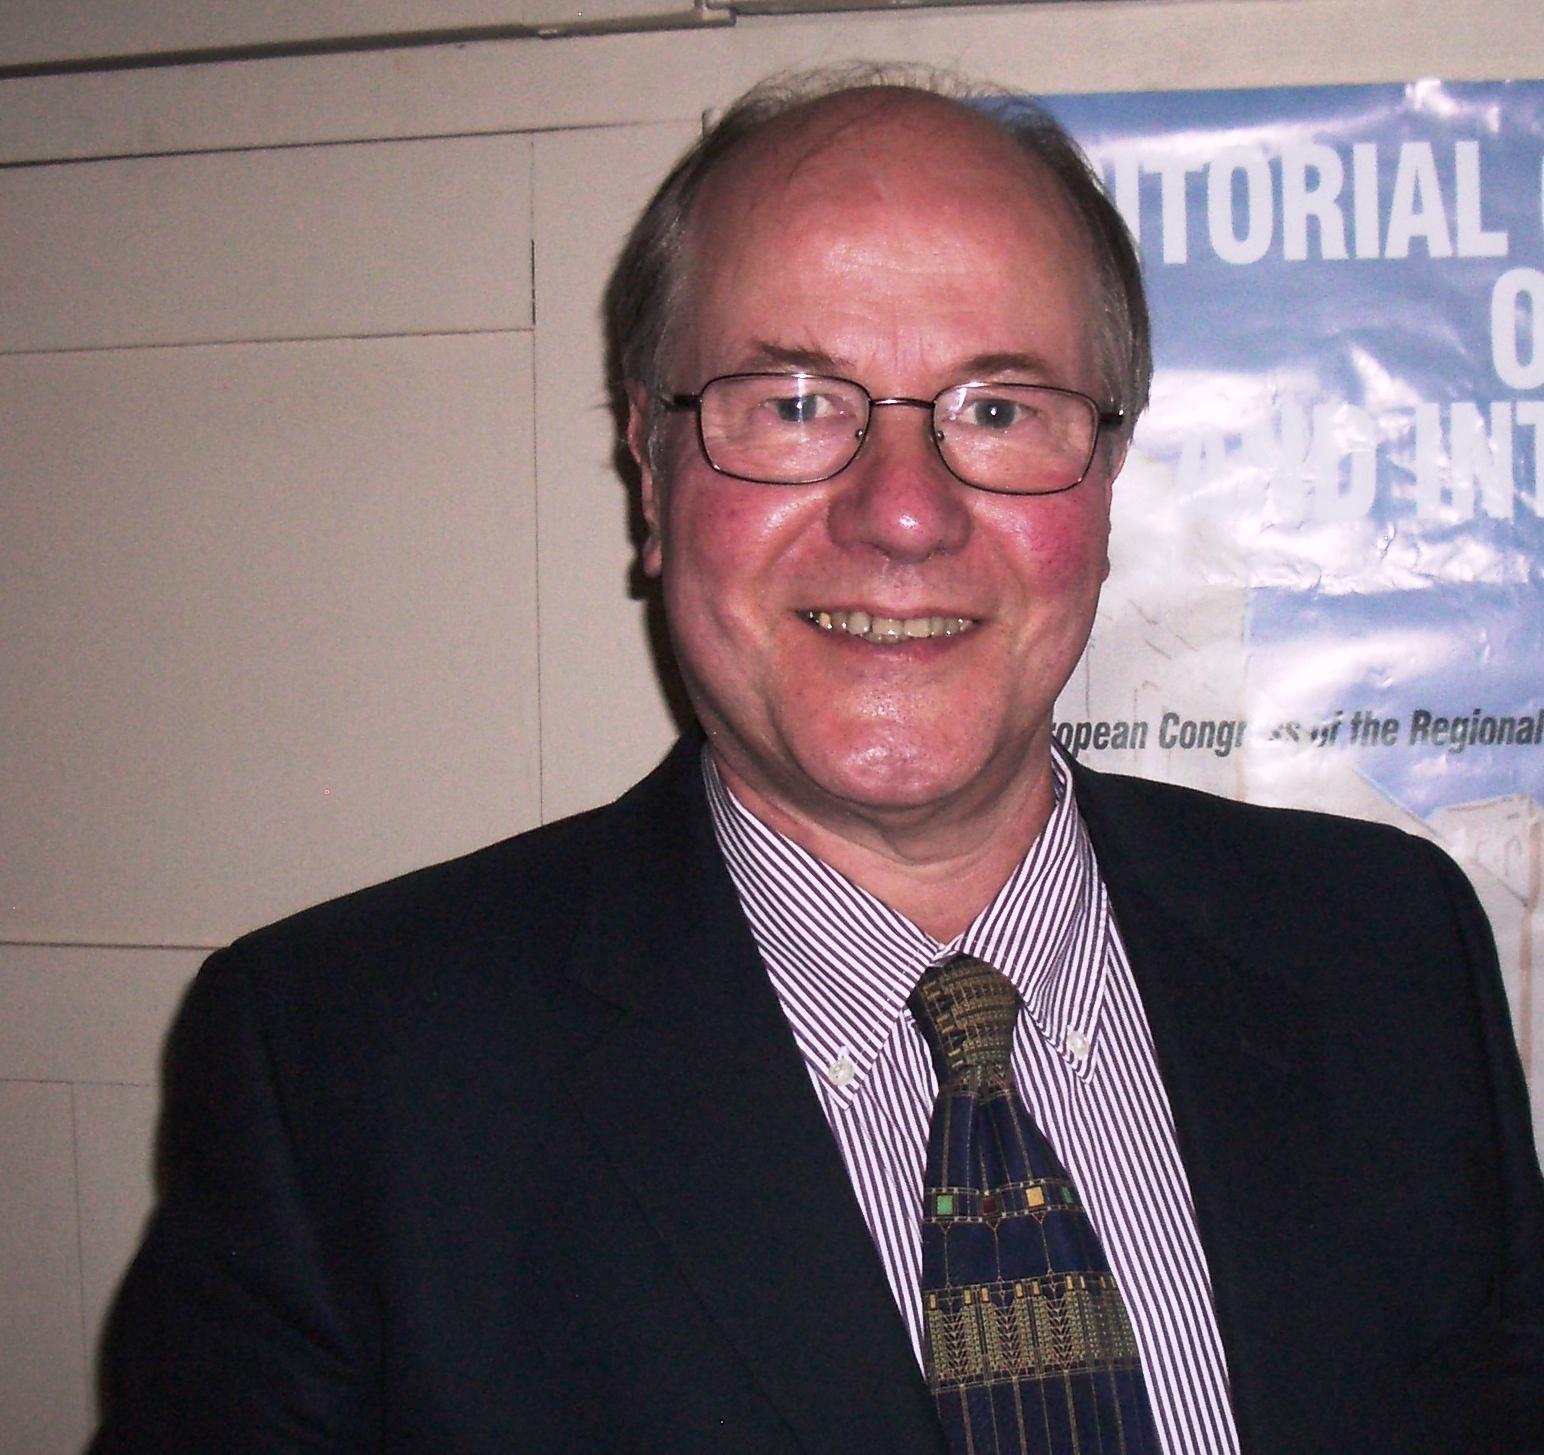 Paul Cheshire